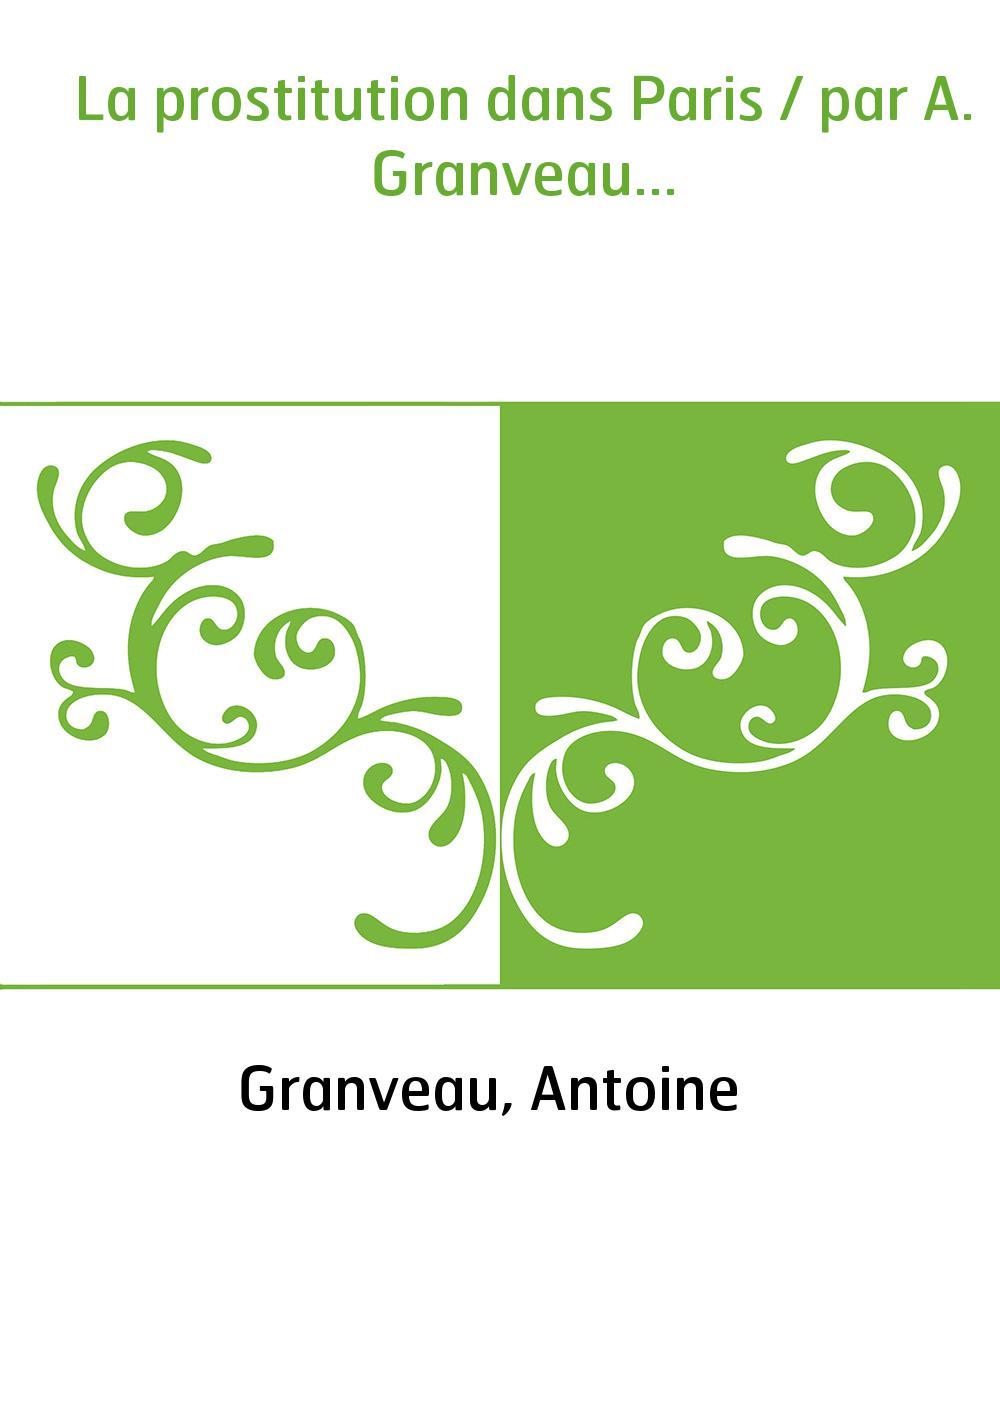 La prostitution dans Paris / par A. Granveau...